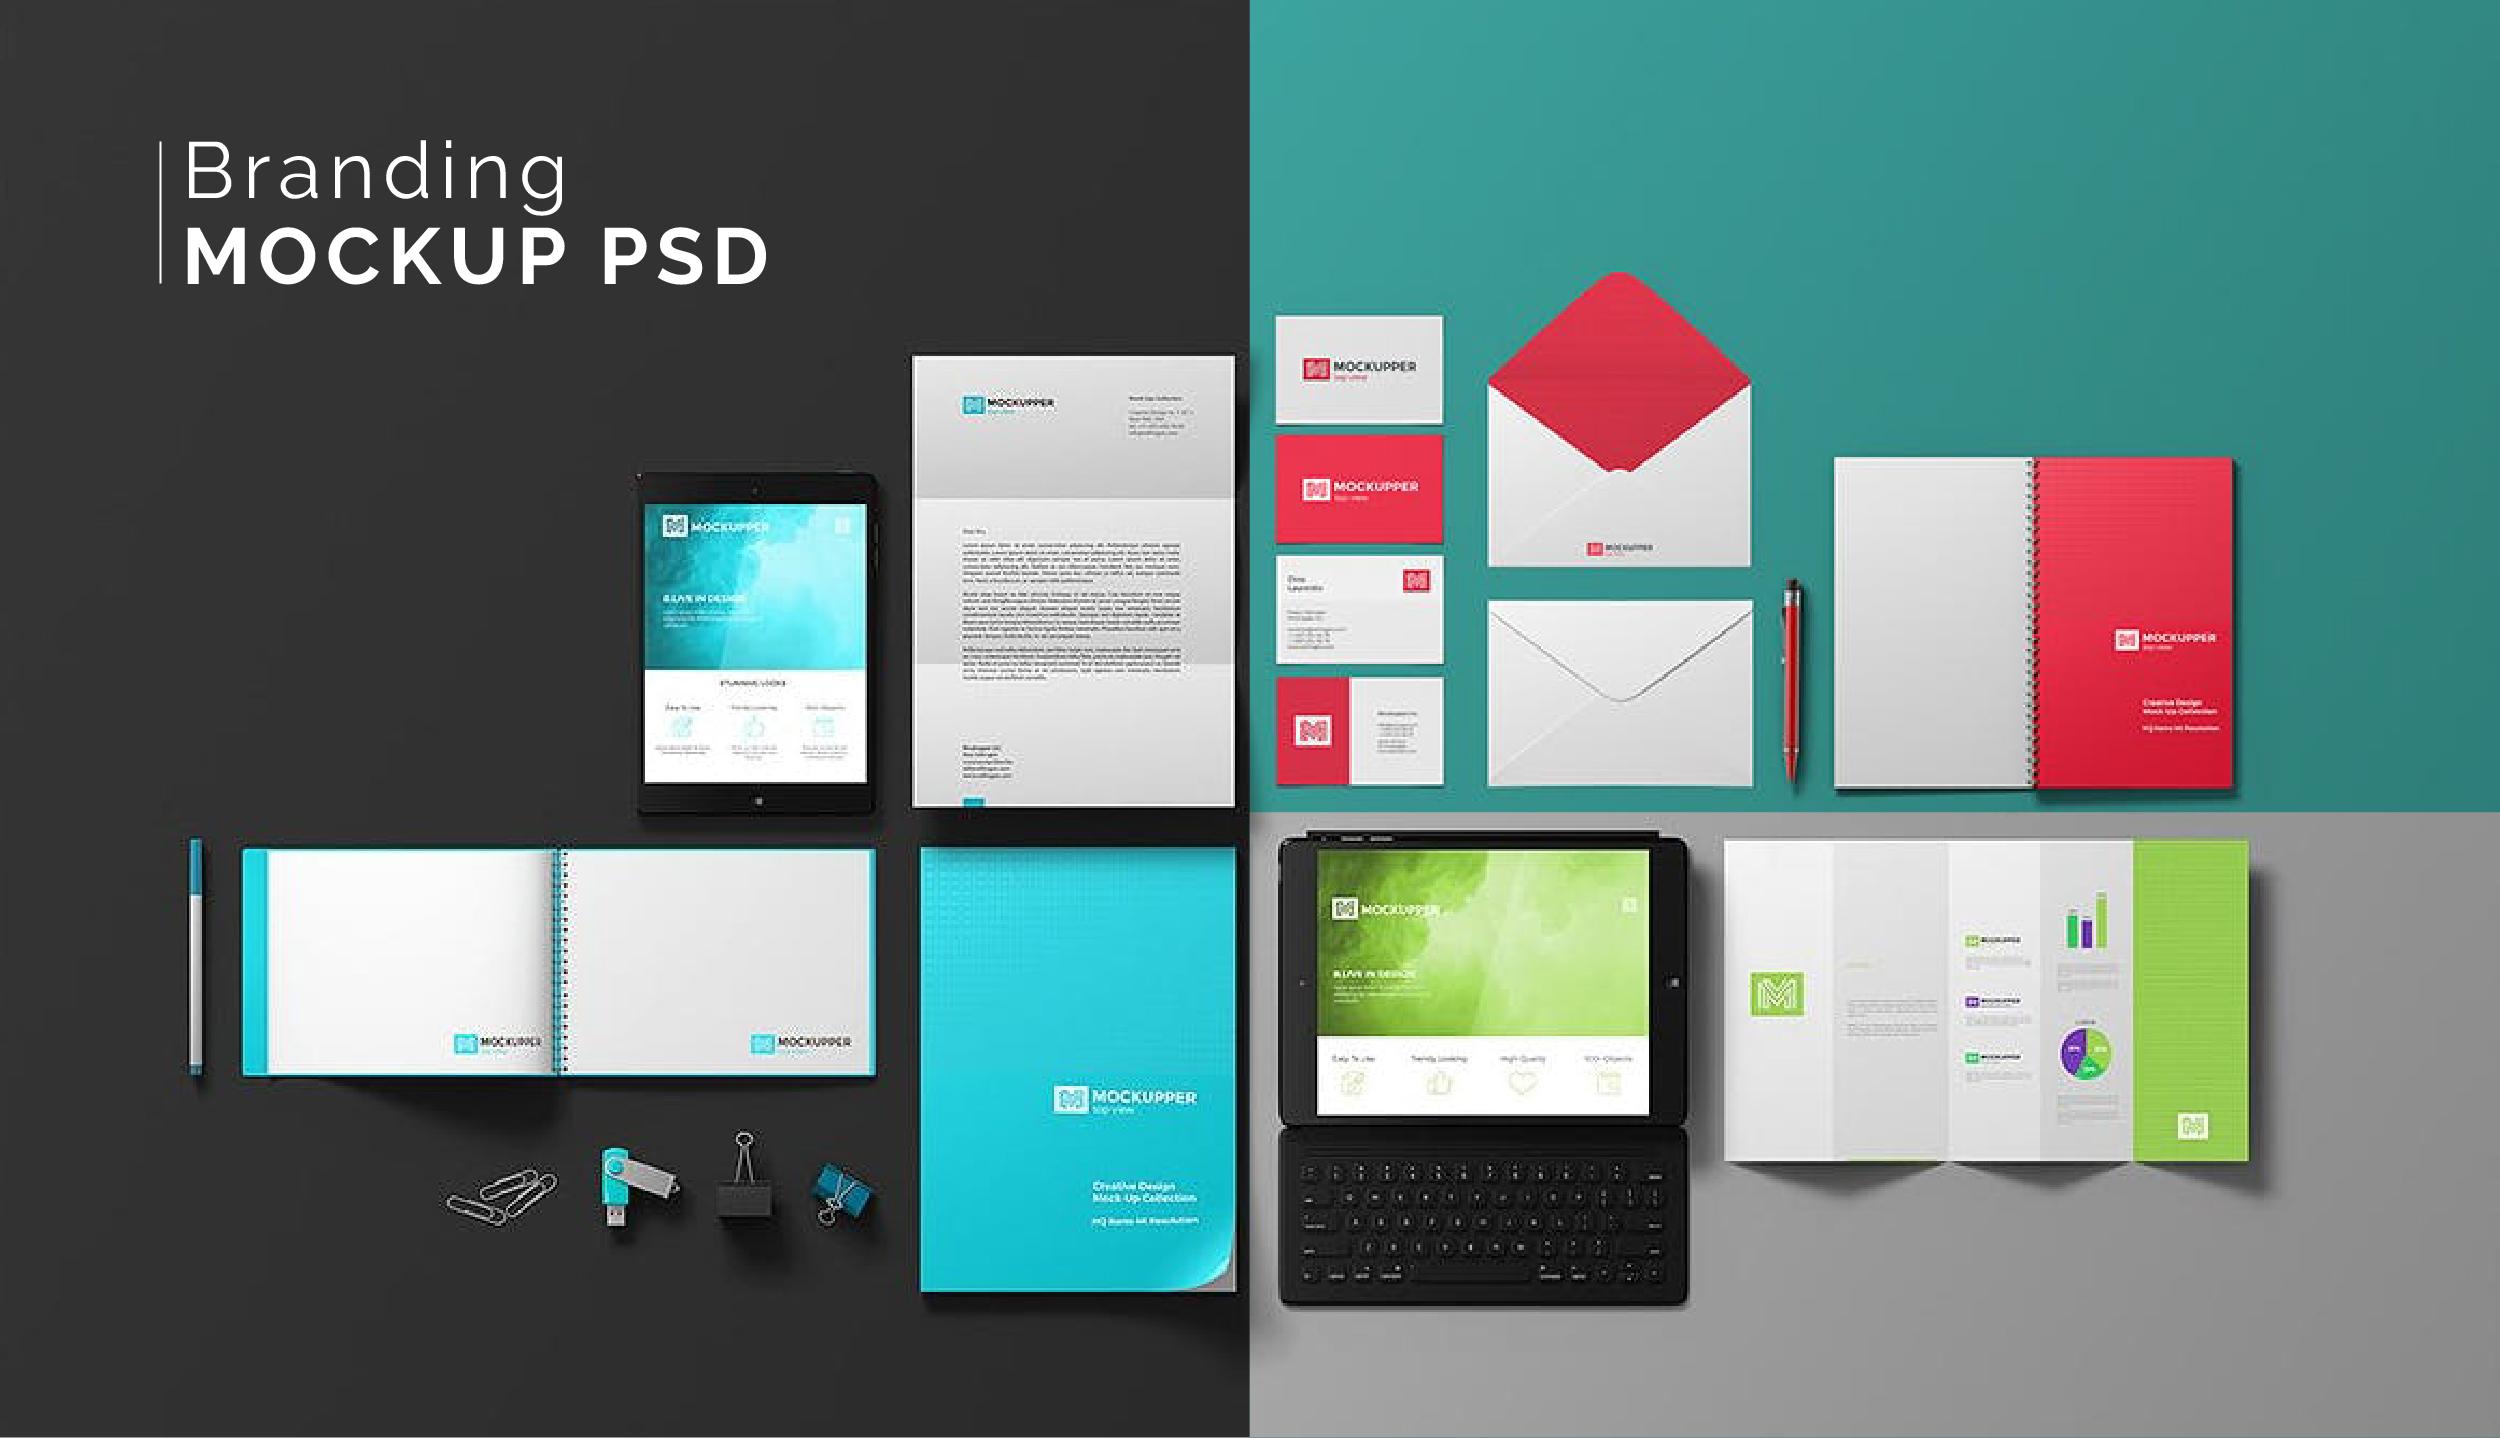 Branding Mockup PSD | APA Diseño Gráfico